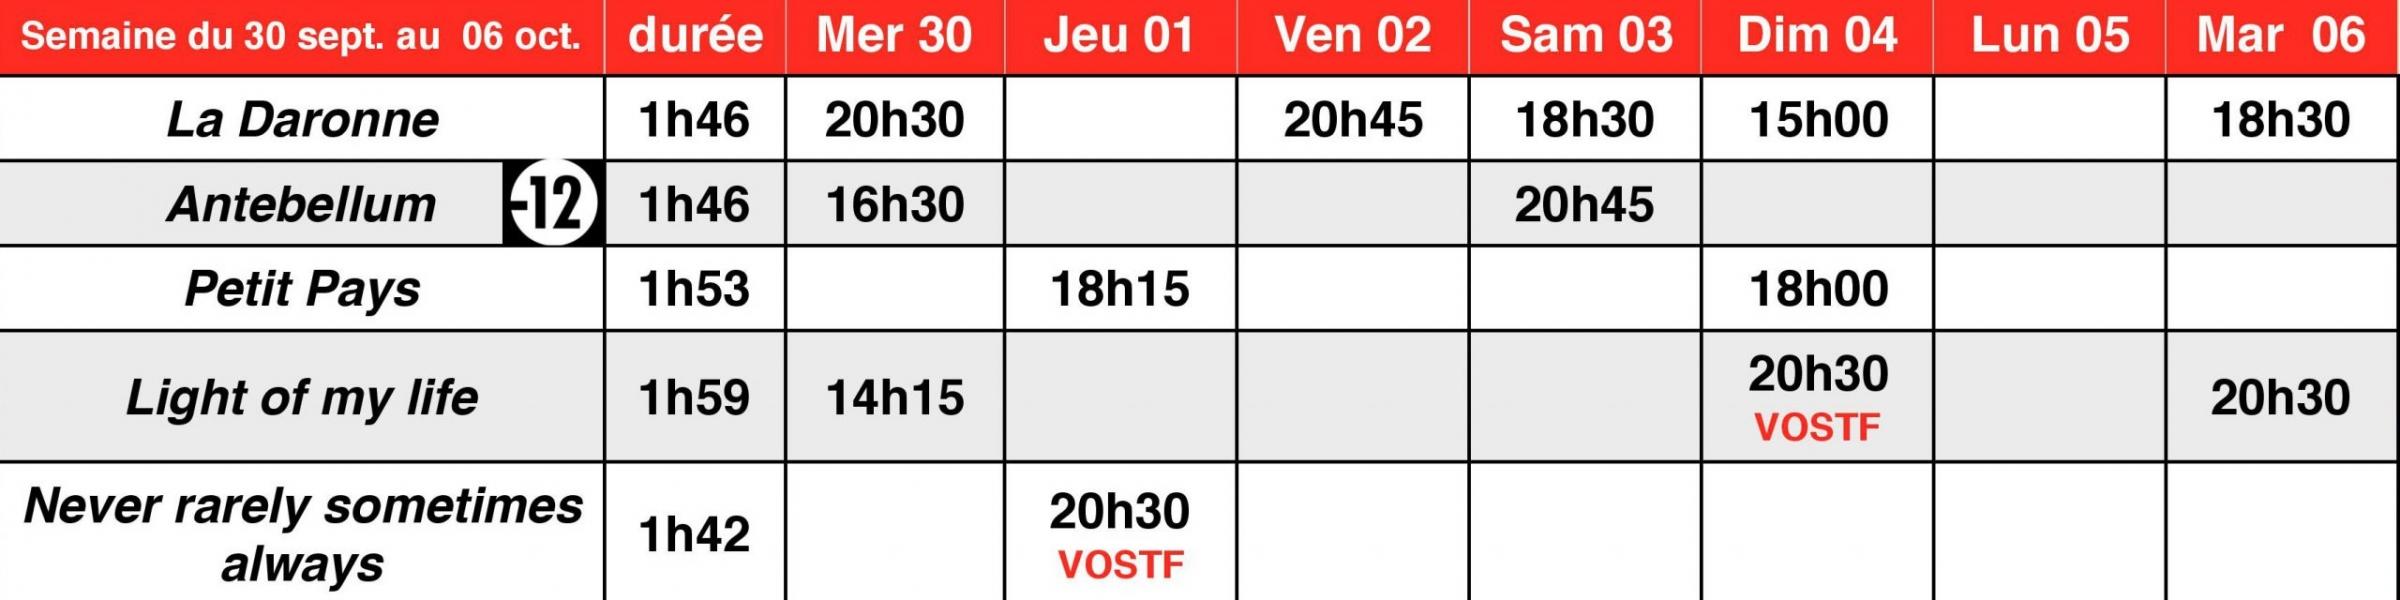 semaine-du-3a-au-06